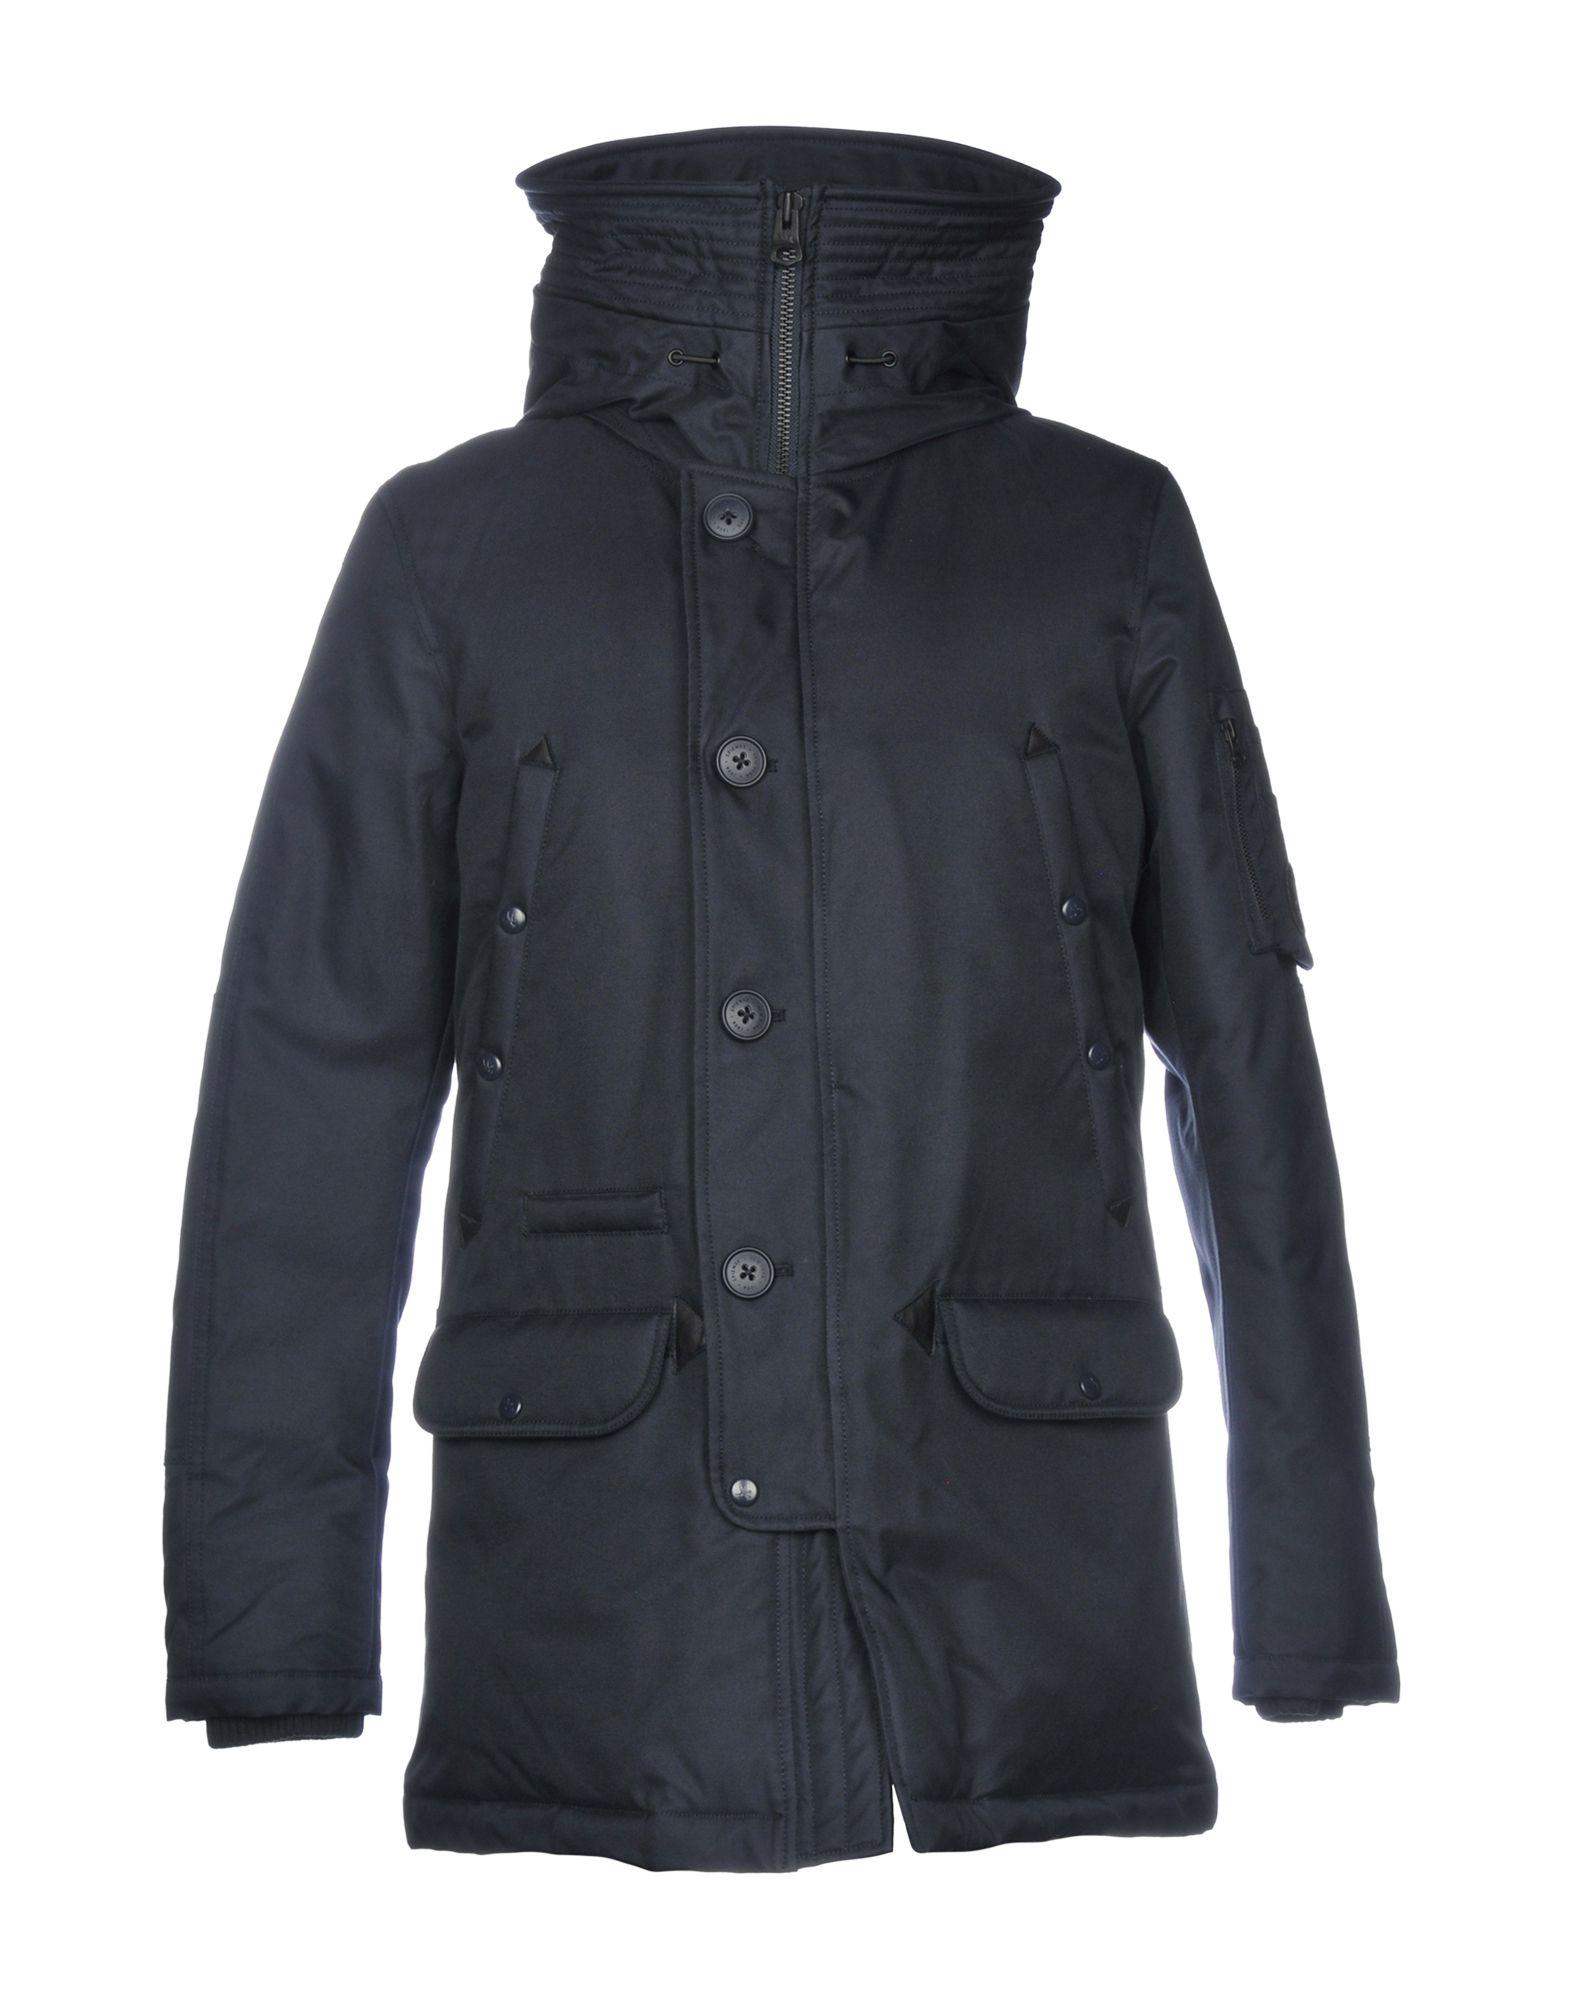 SPIEWAK Jacket in Dark Blue